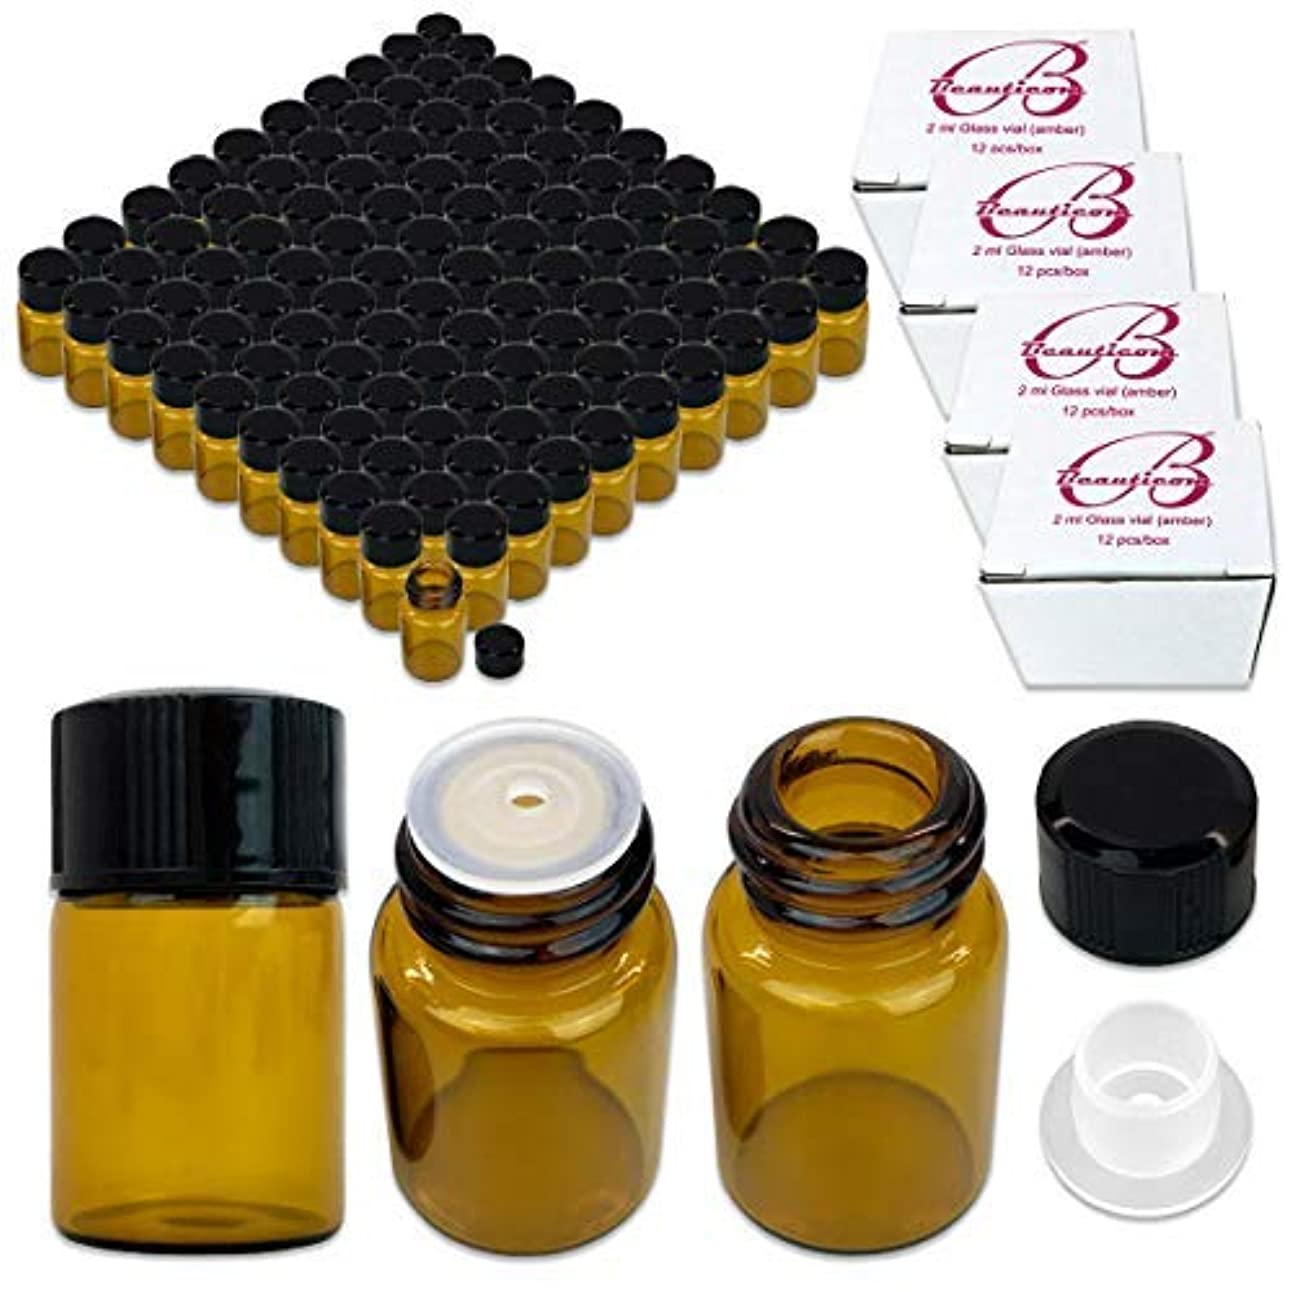 経営者十メール144 Packs Beauticom 2ML Amber Glass Vial for Essential Oils, Aromatherapy, Fragrance, Serums, Spritzes, with Orifice...